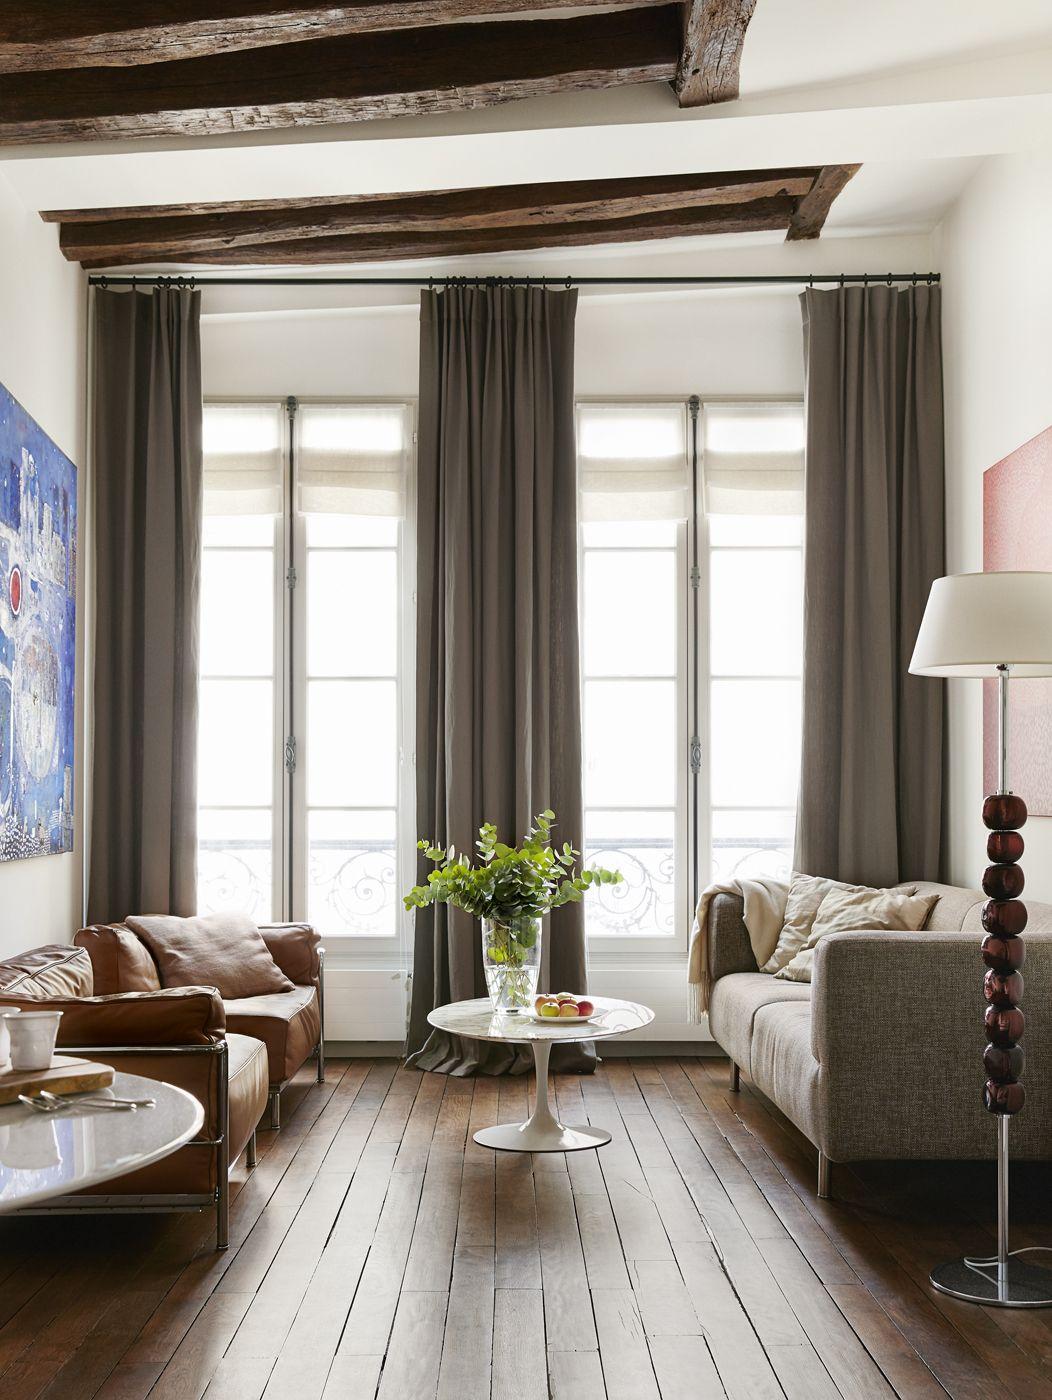 Ce duplex d 39 une chambre est incroyablement lumineux et for Immobilier design paris